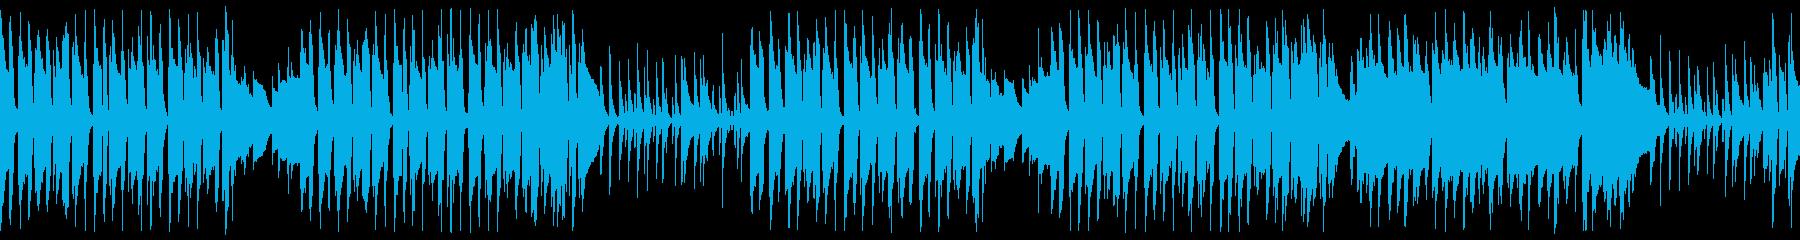 遊びに夢中の可愛いペット ループ仕様の再生済みの波形